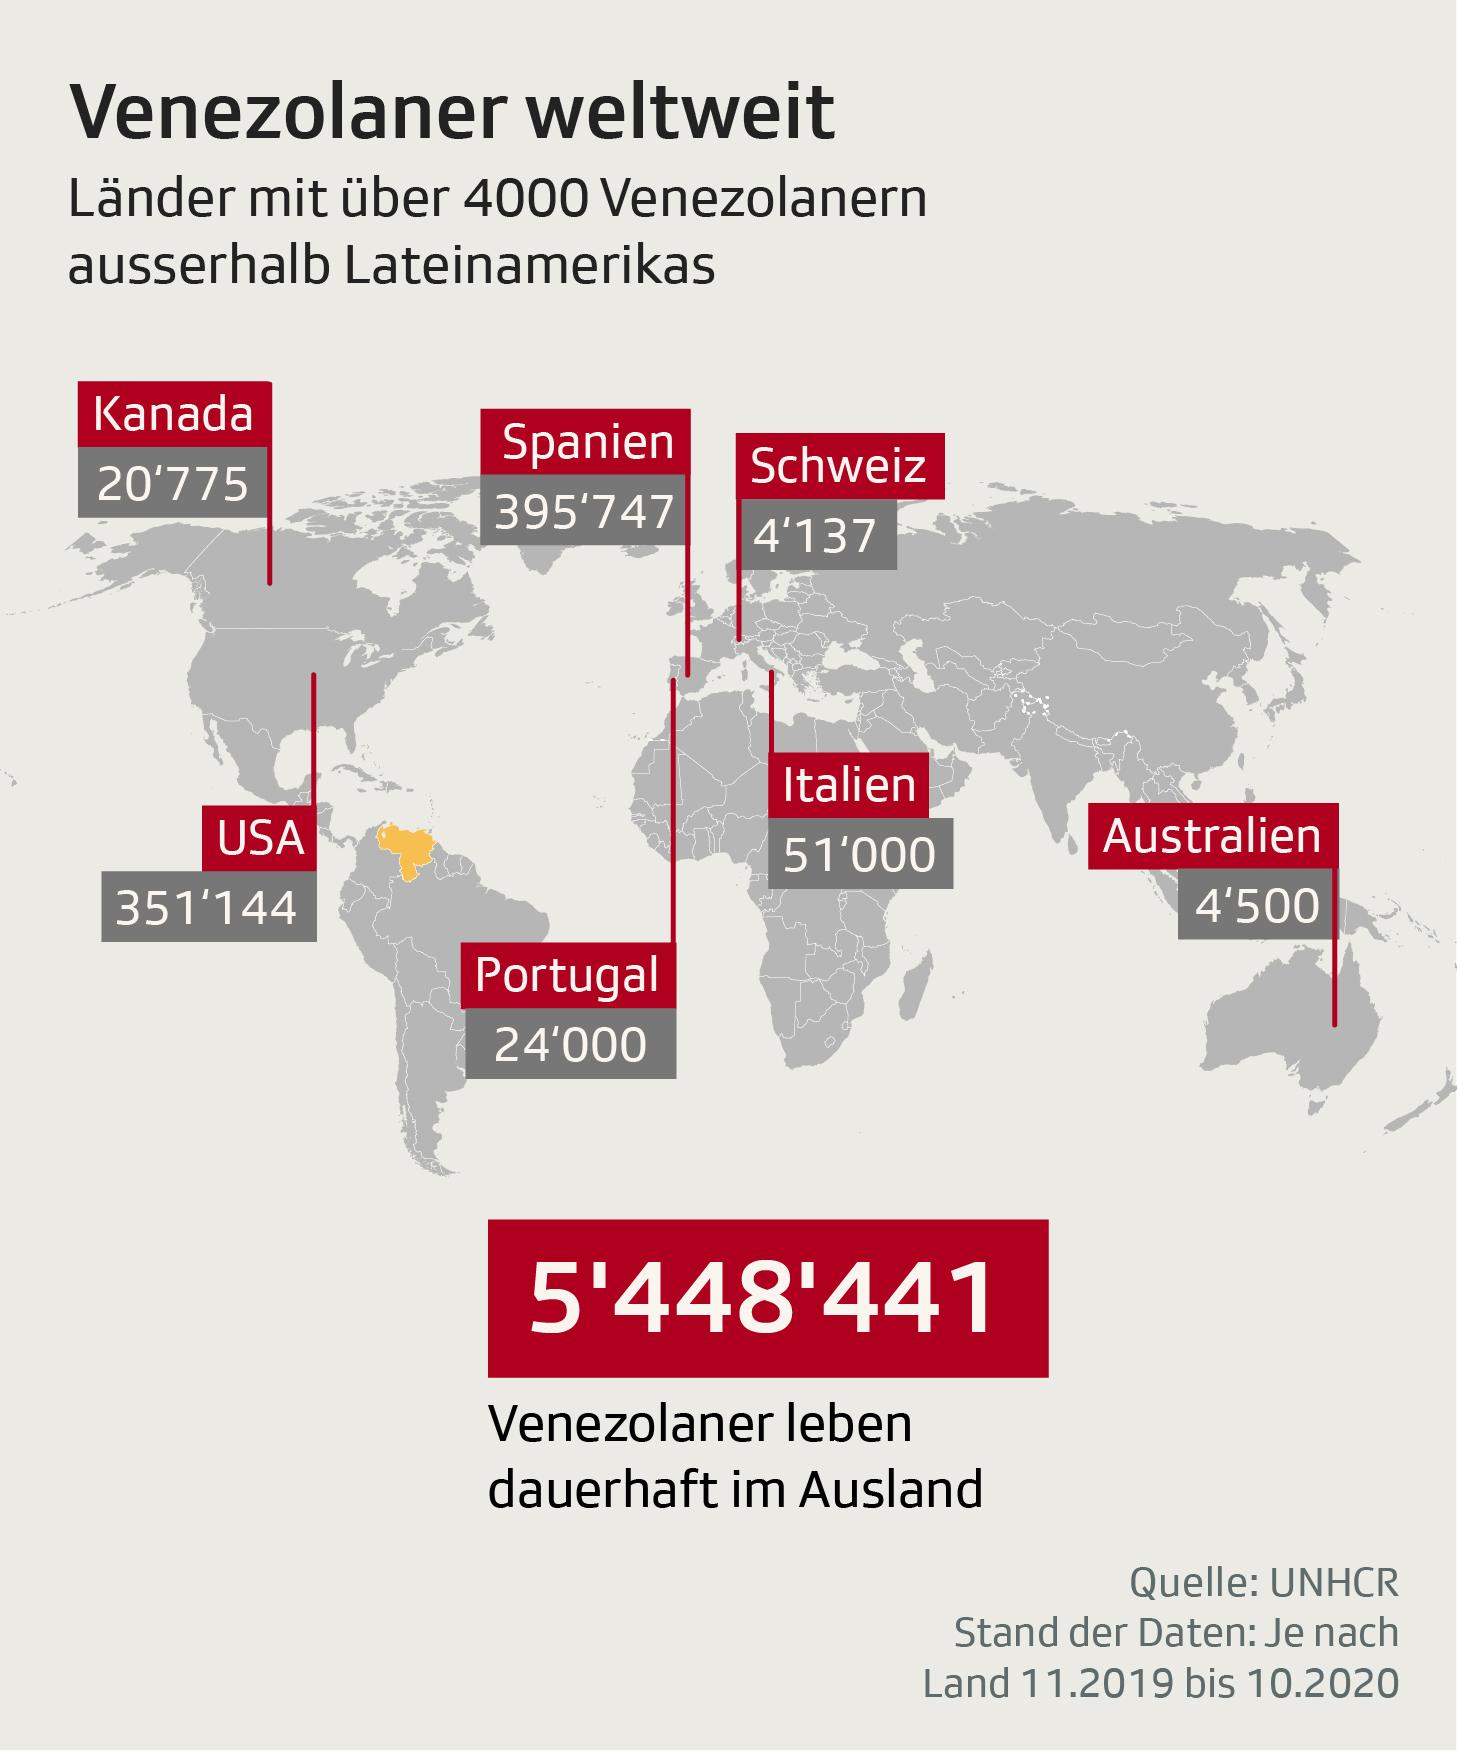 Venezolaner weltweit